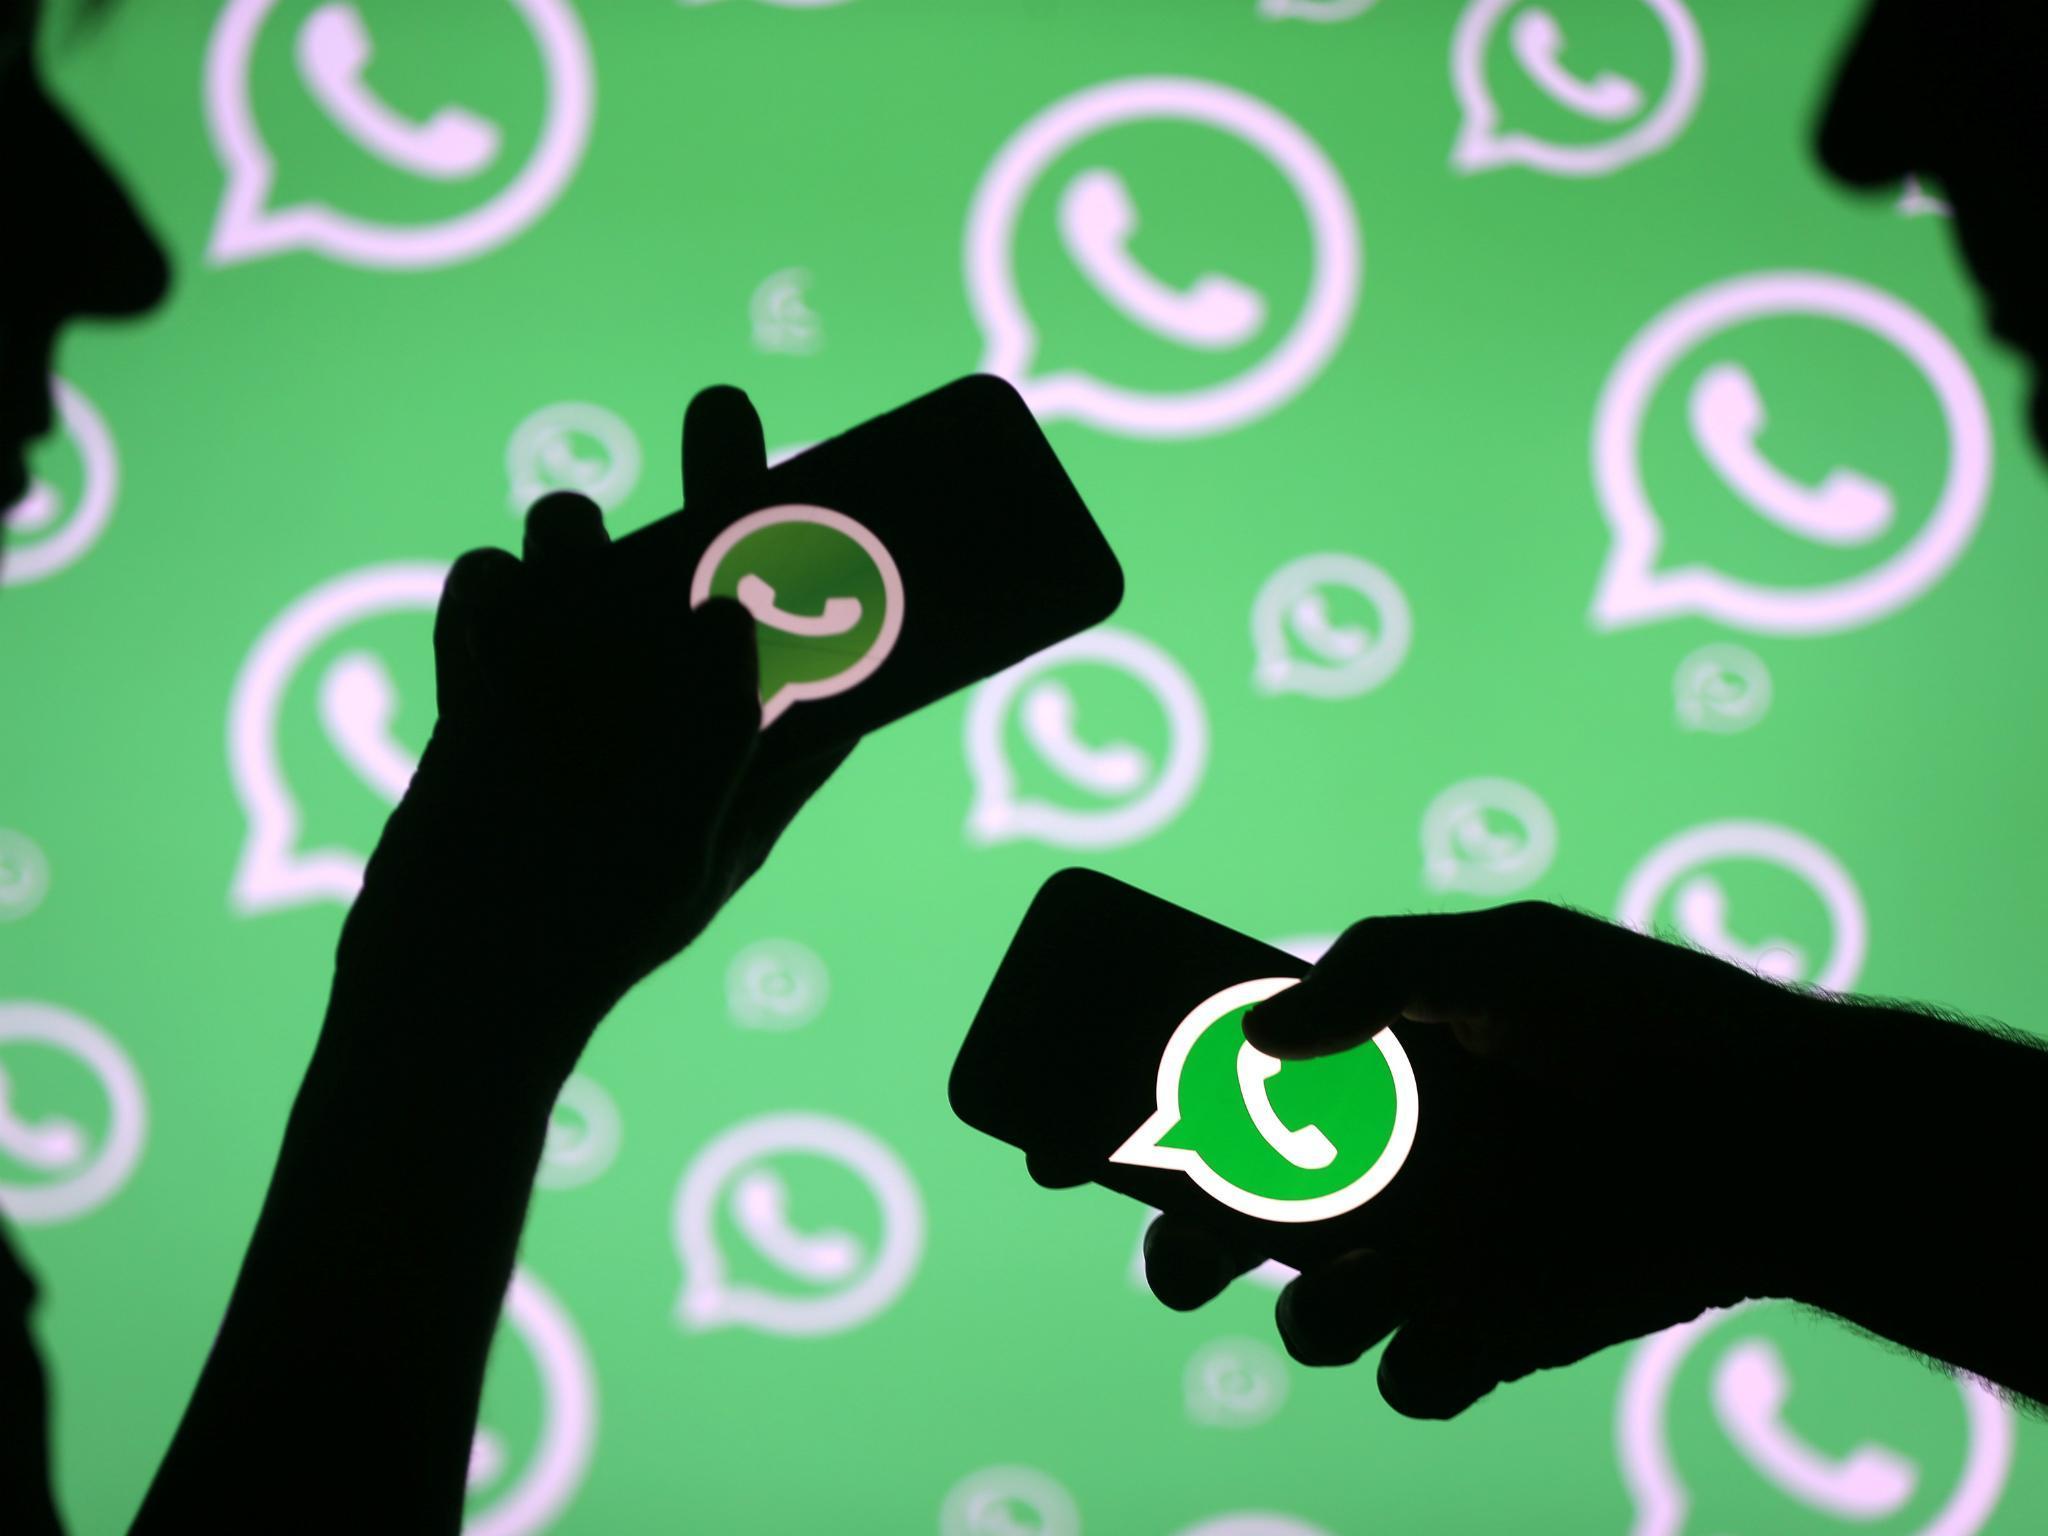 واٹس ایپ نے پیغامات ڈیلیٹ کرنے کے فیچر میں تبدیلی کردی